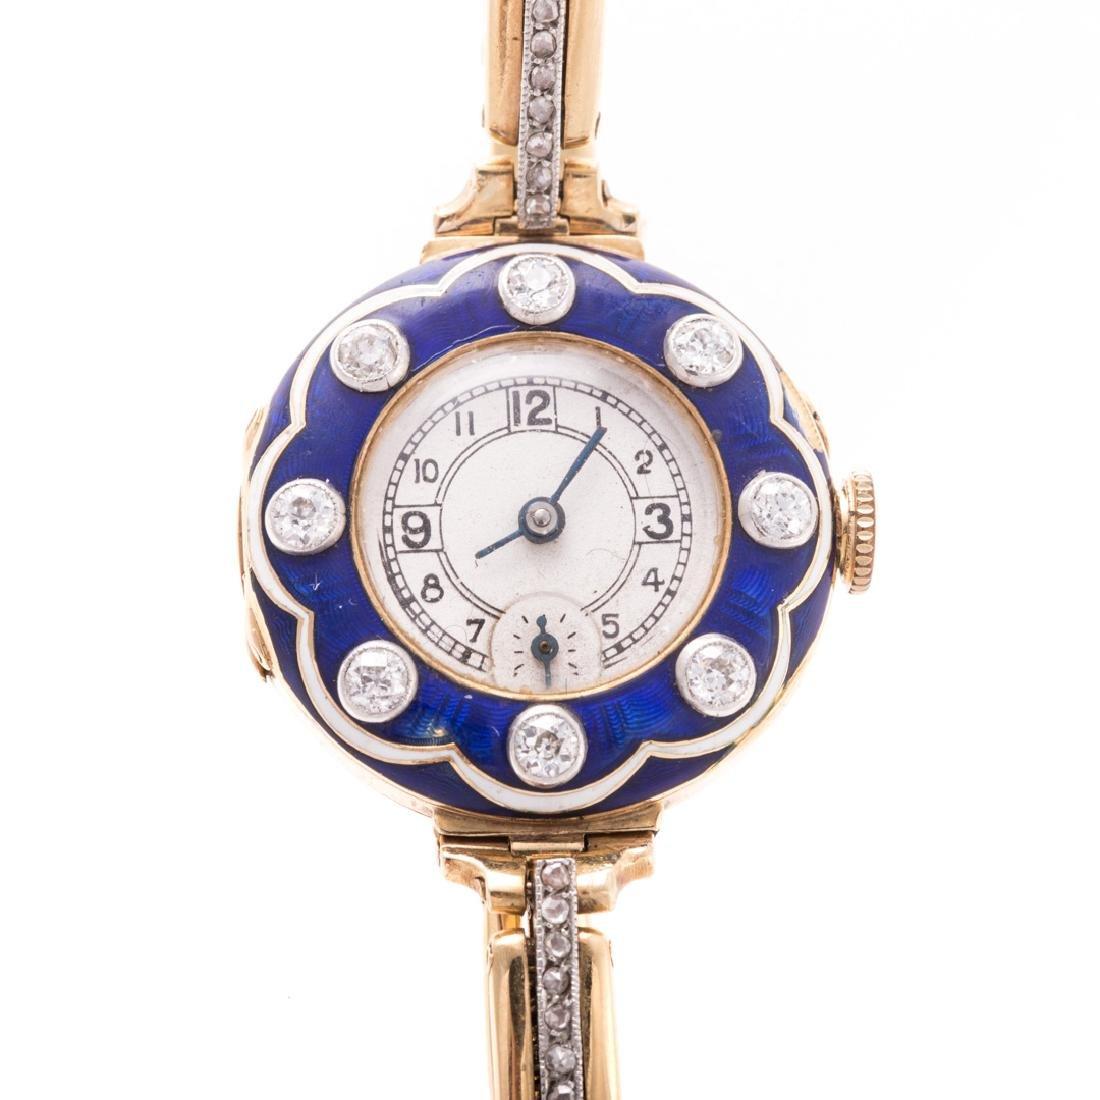 A Lady's Blue Enamel & Diamond Watch in 18K